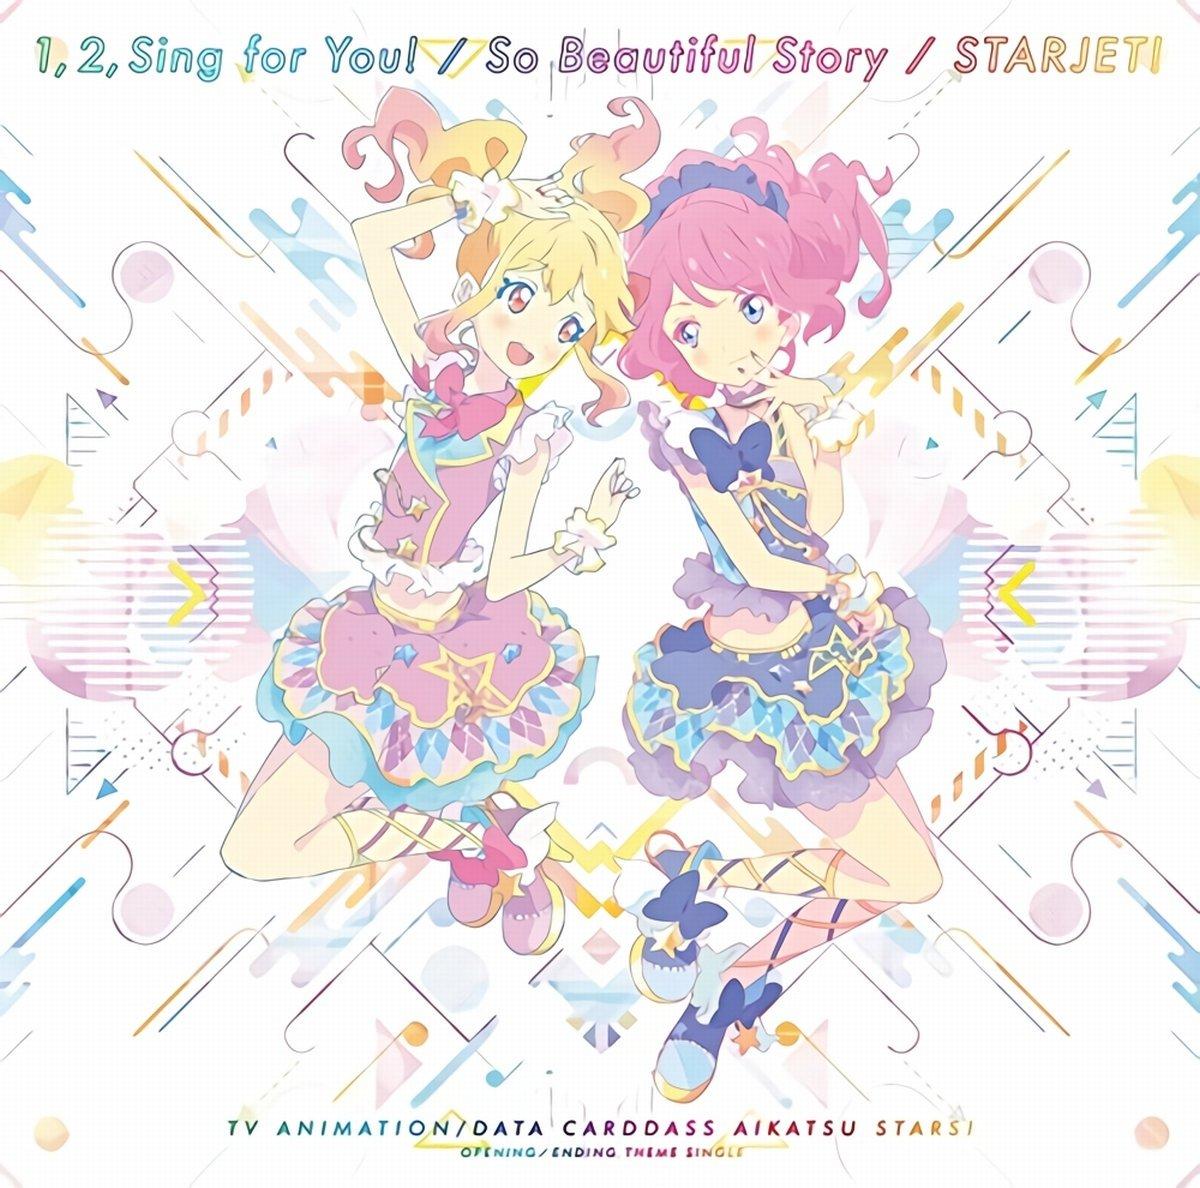 aikatsu stars 1 2 sing for you so beautiful story